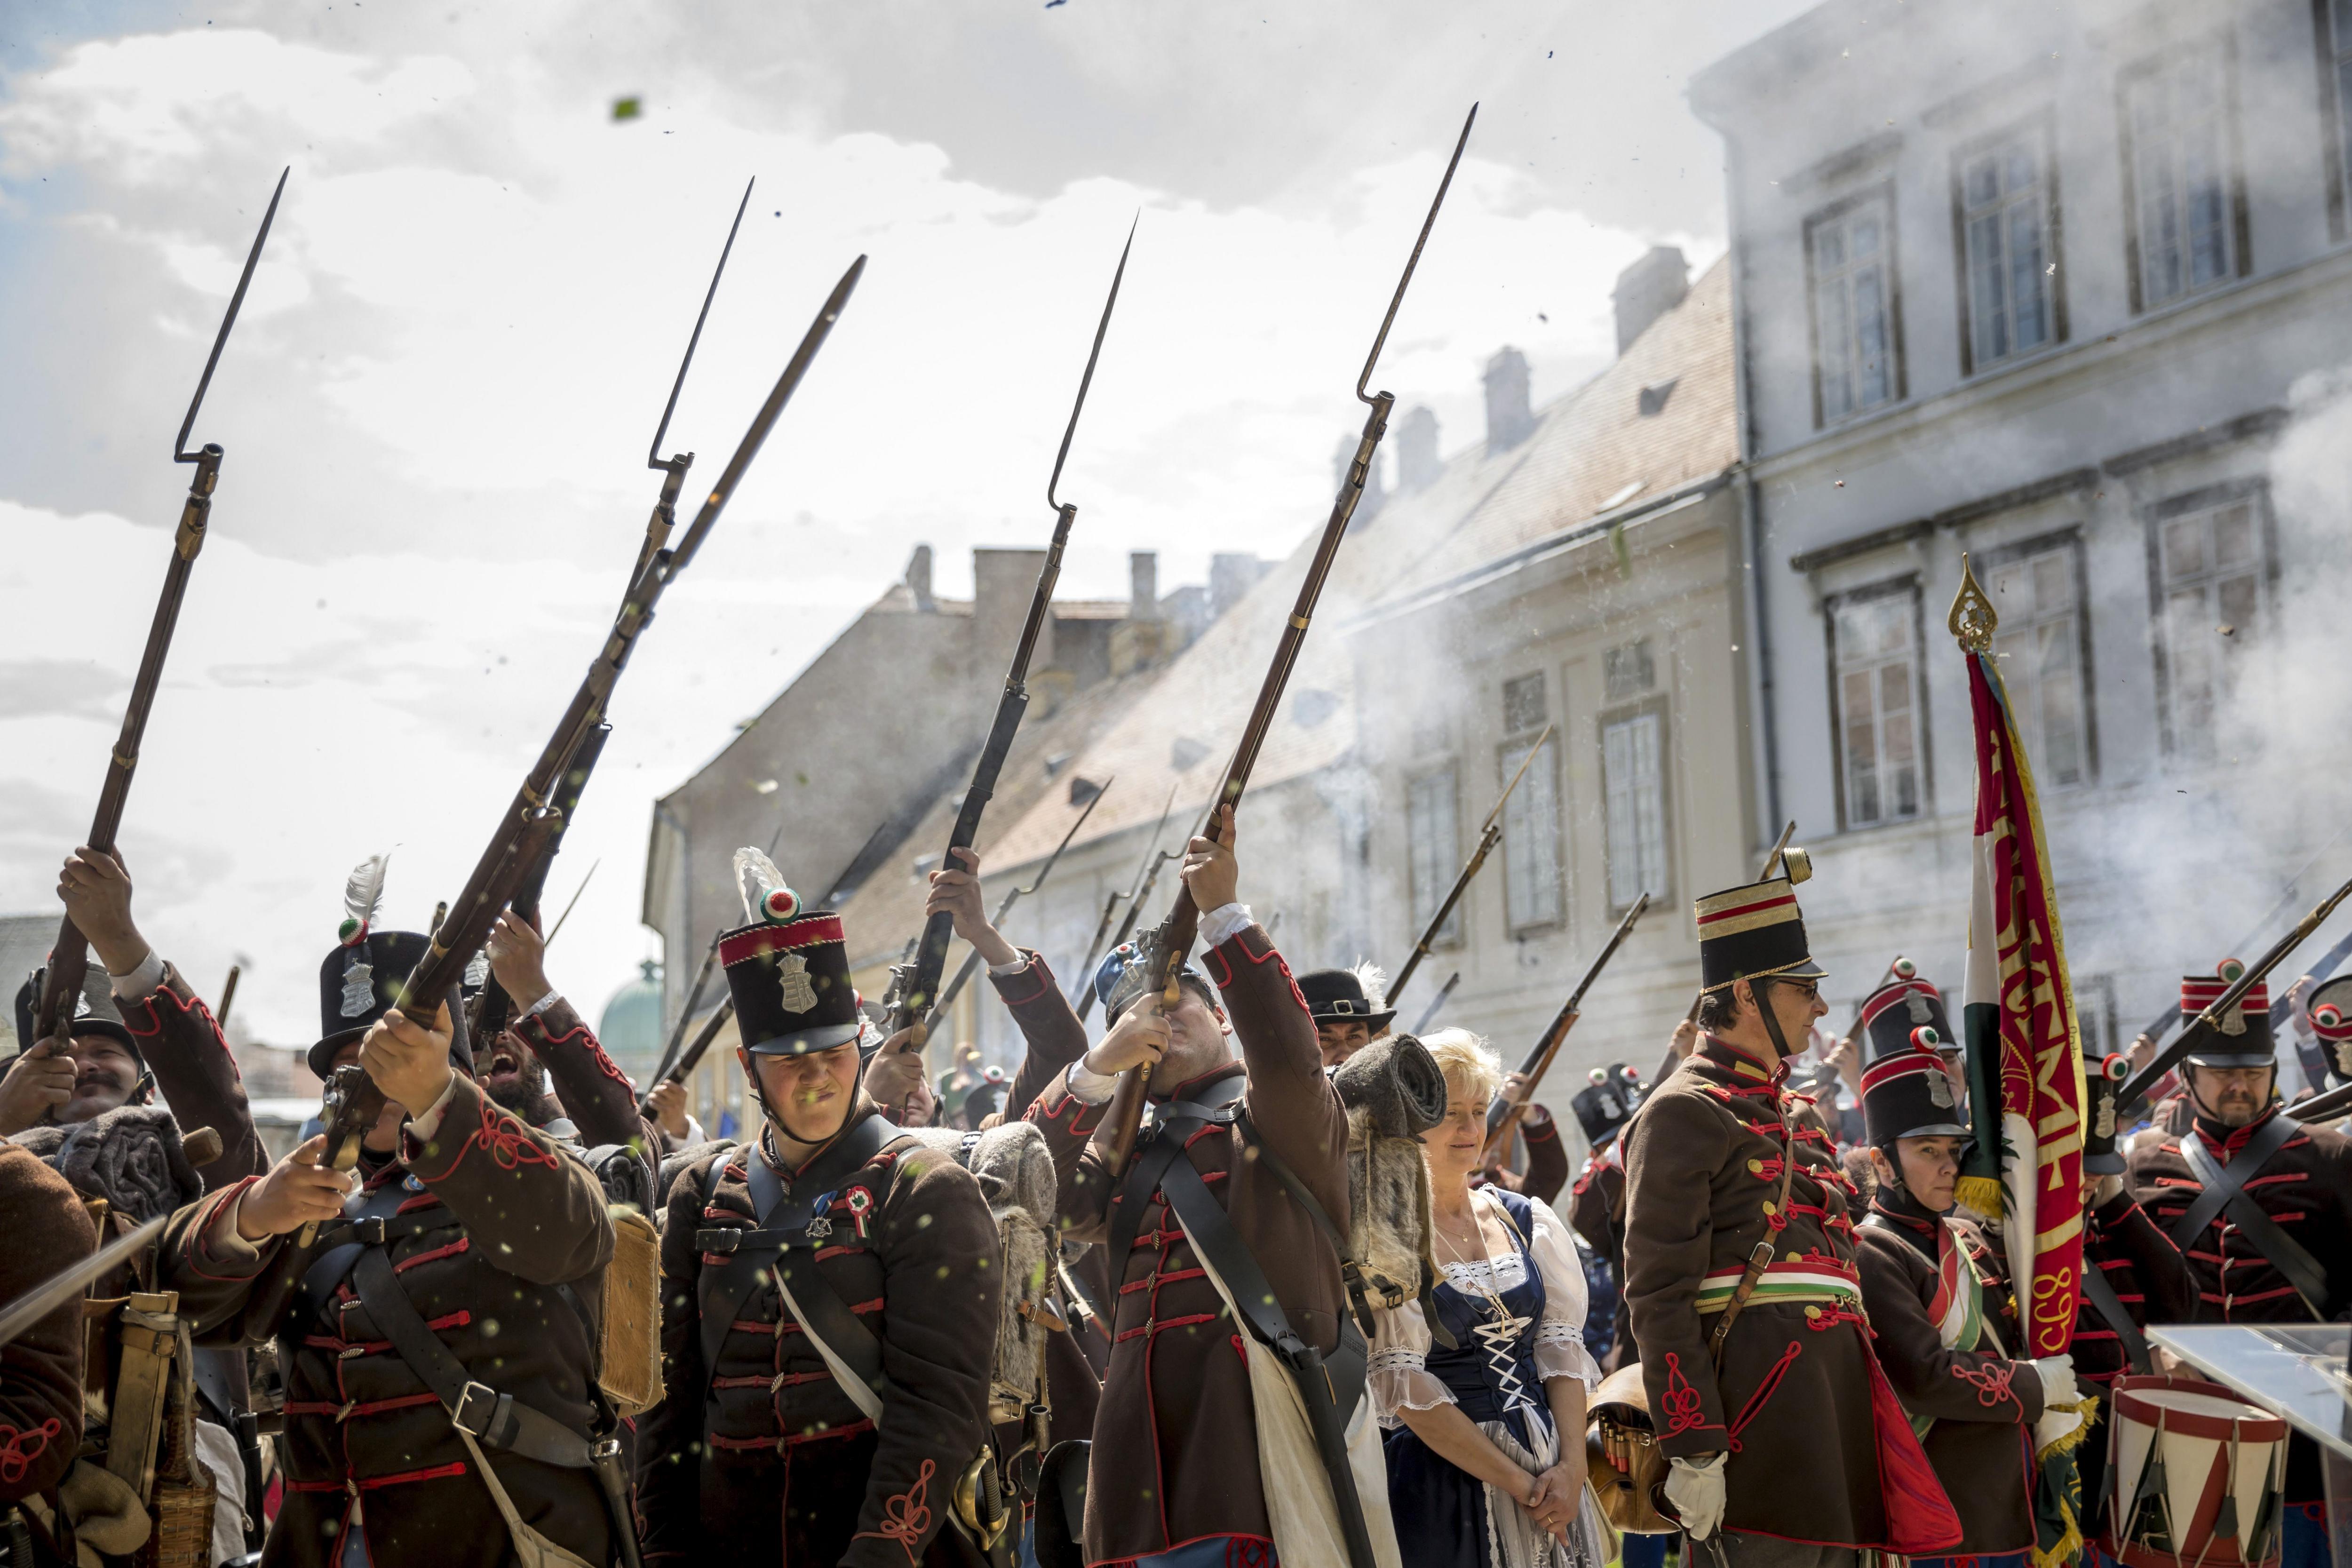 Centenars de persones participen en la recreació històrica de la revolució hongaresa del 1848 en el casc històric de Budapest. /BALAZS MOHAI